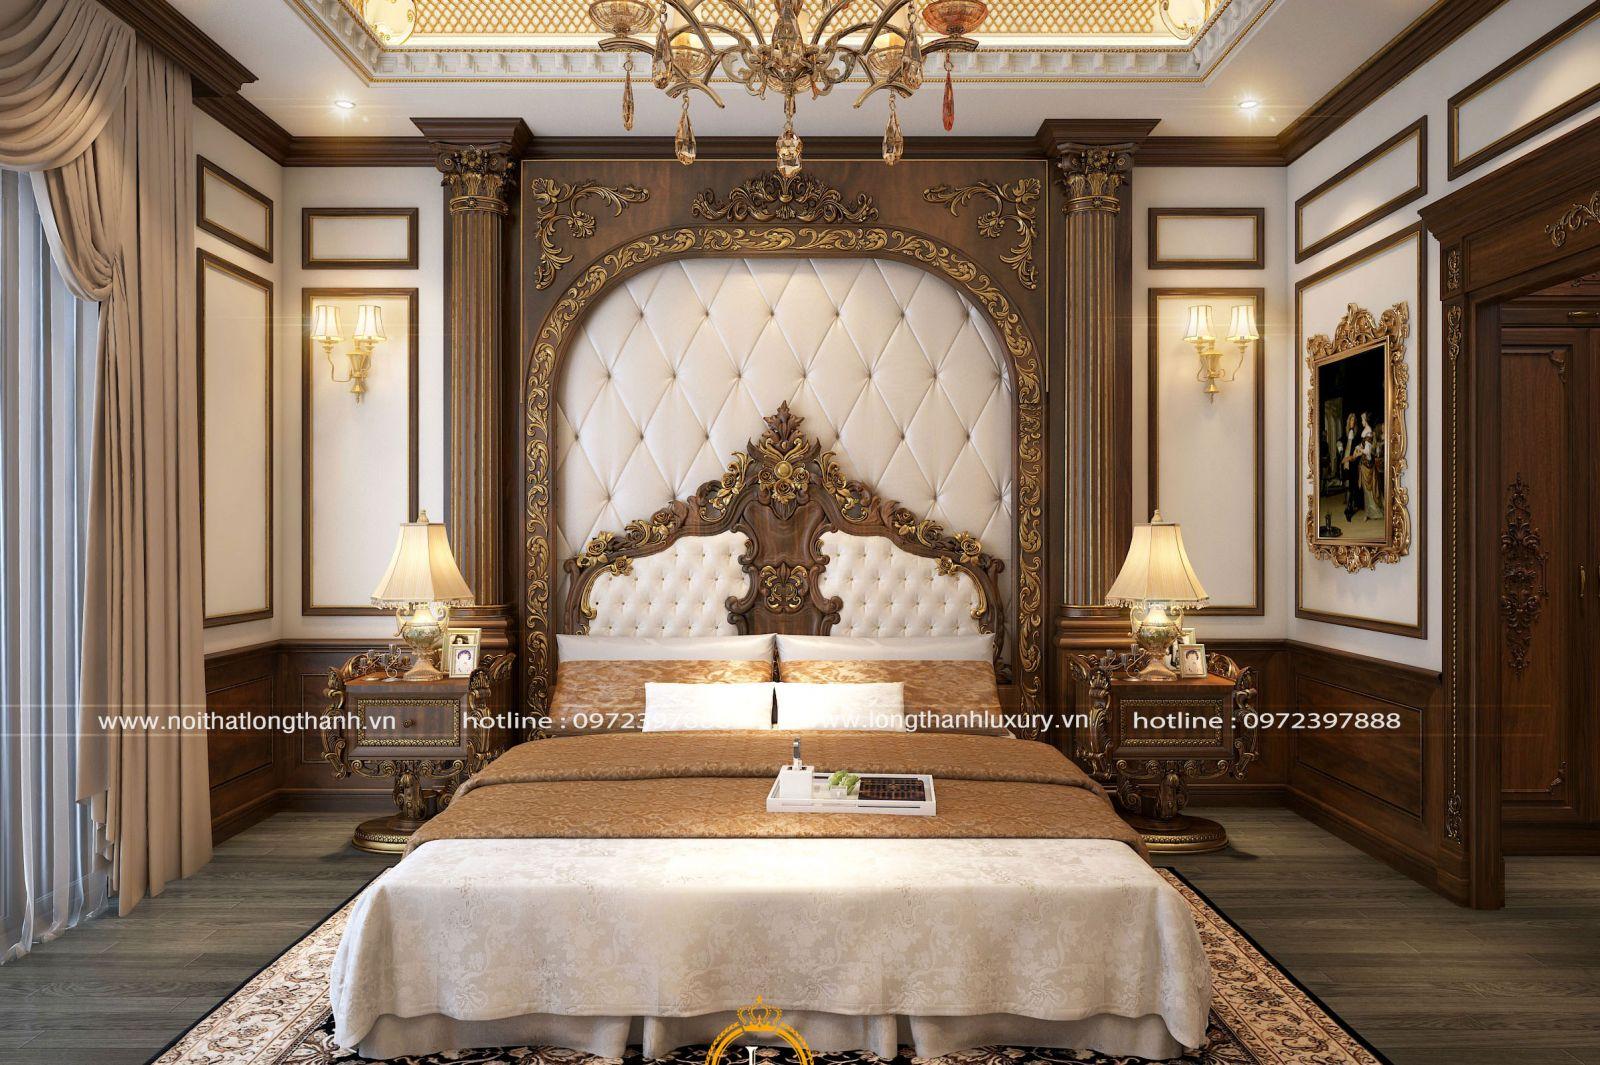 Phòng ngủ cao cấp được  thiết kế đẹp mắt